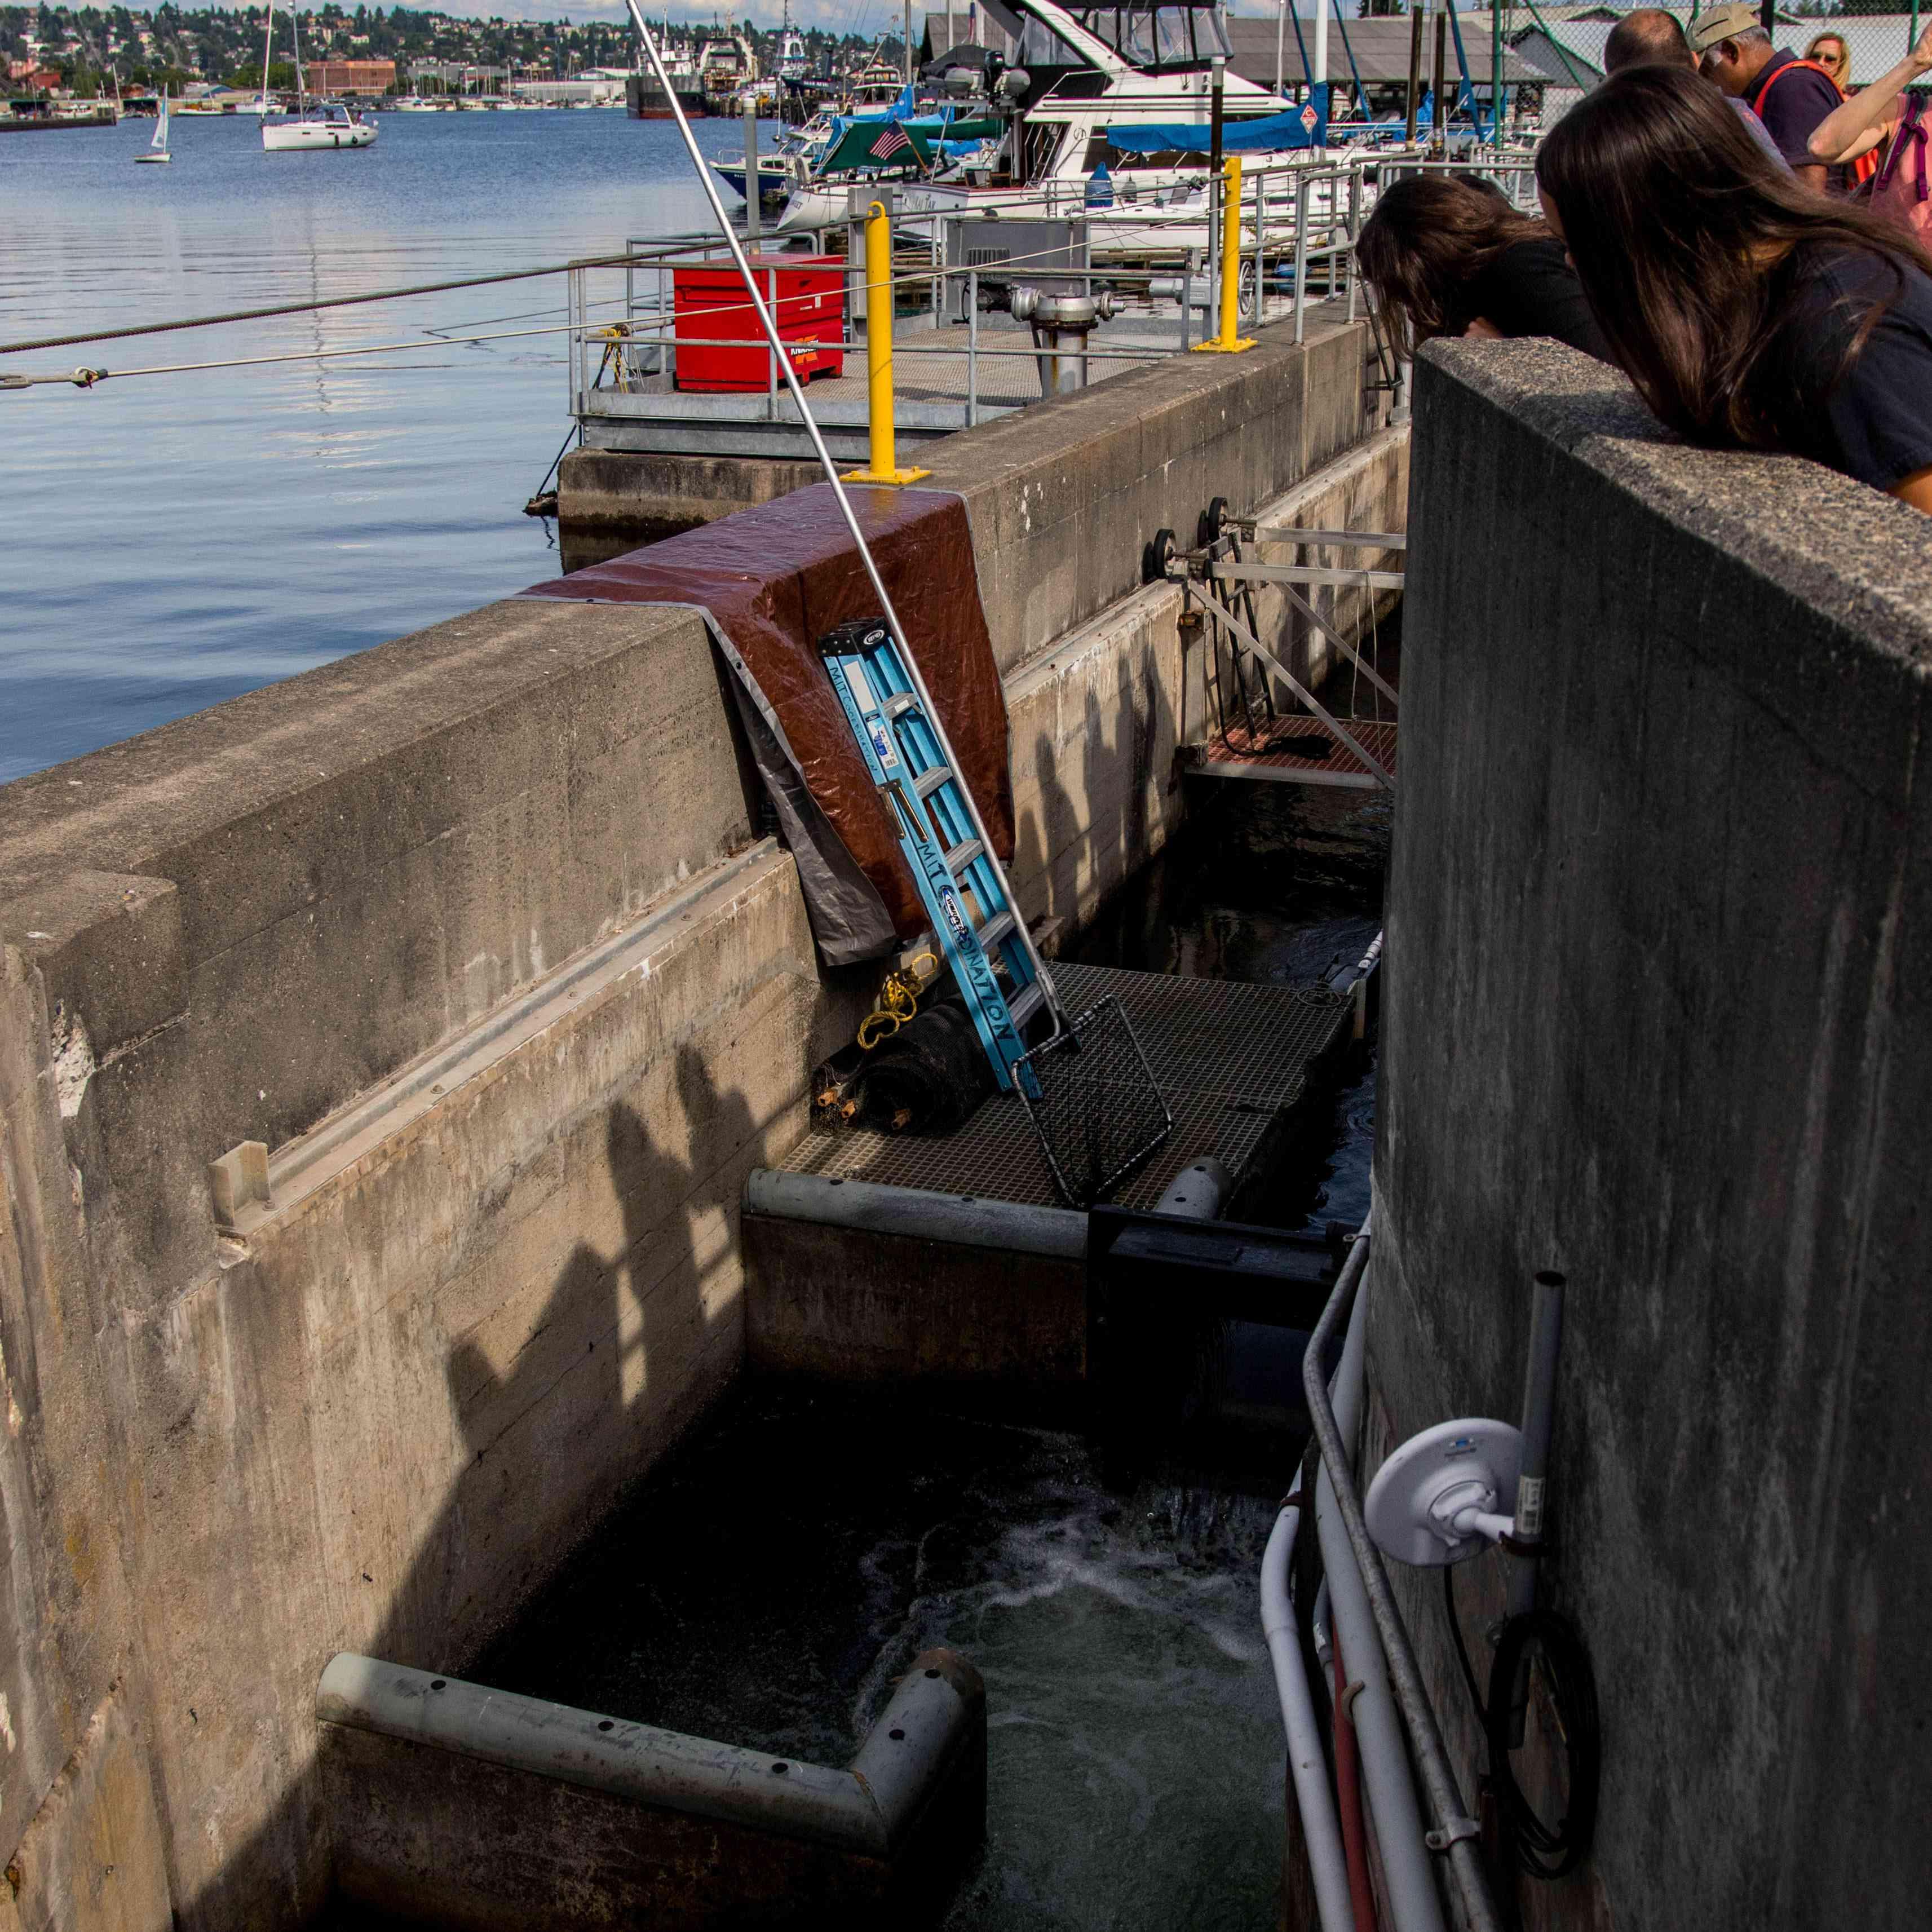 Ballard Locks in Seattle, Washington